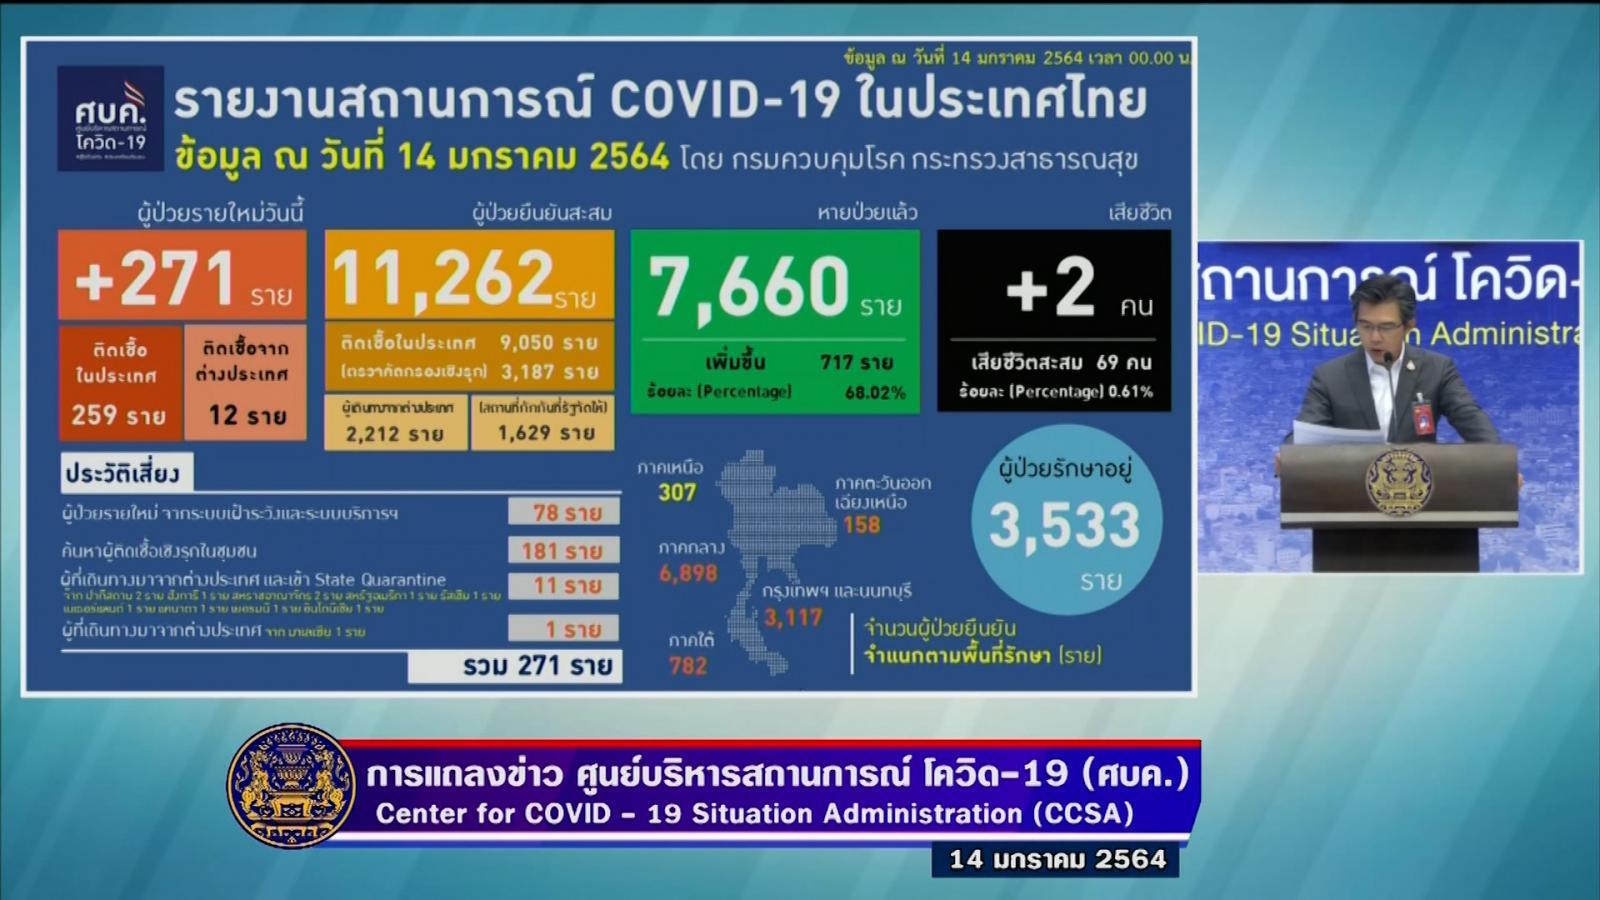 2 ราย เสียชีวิตเพิ่ม 271 ราย ผู้ติดเชื้อโควิด-19 รายใหม่ ในประเทศ 259 ราย